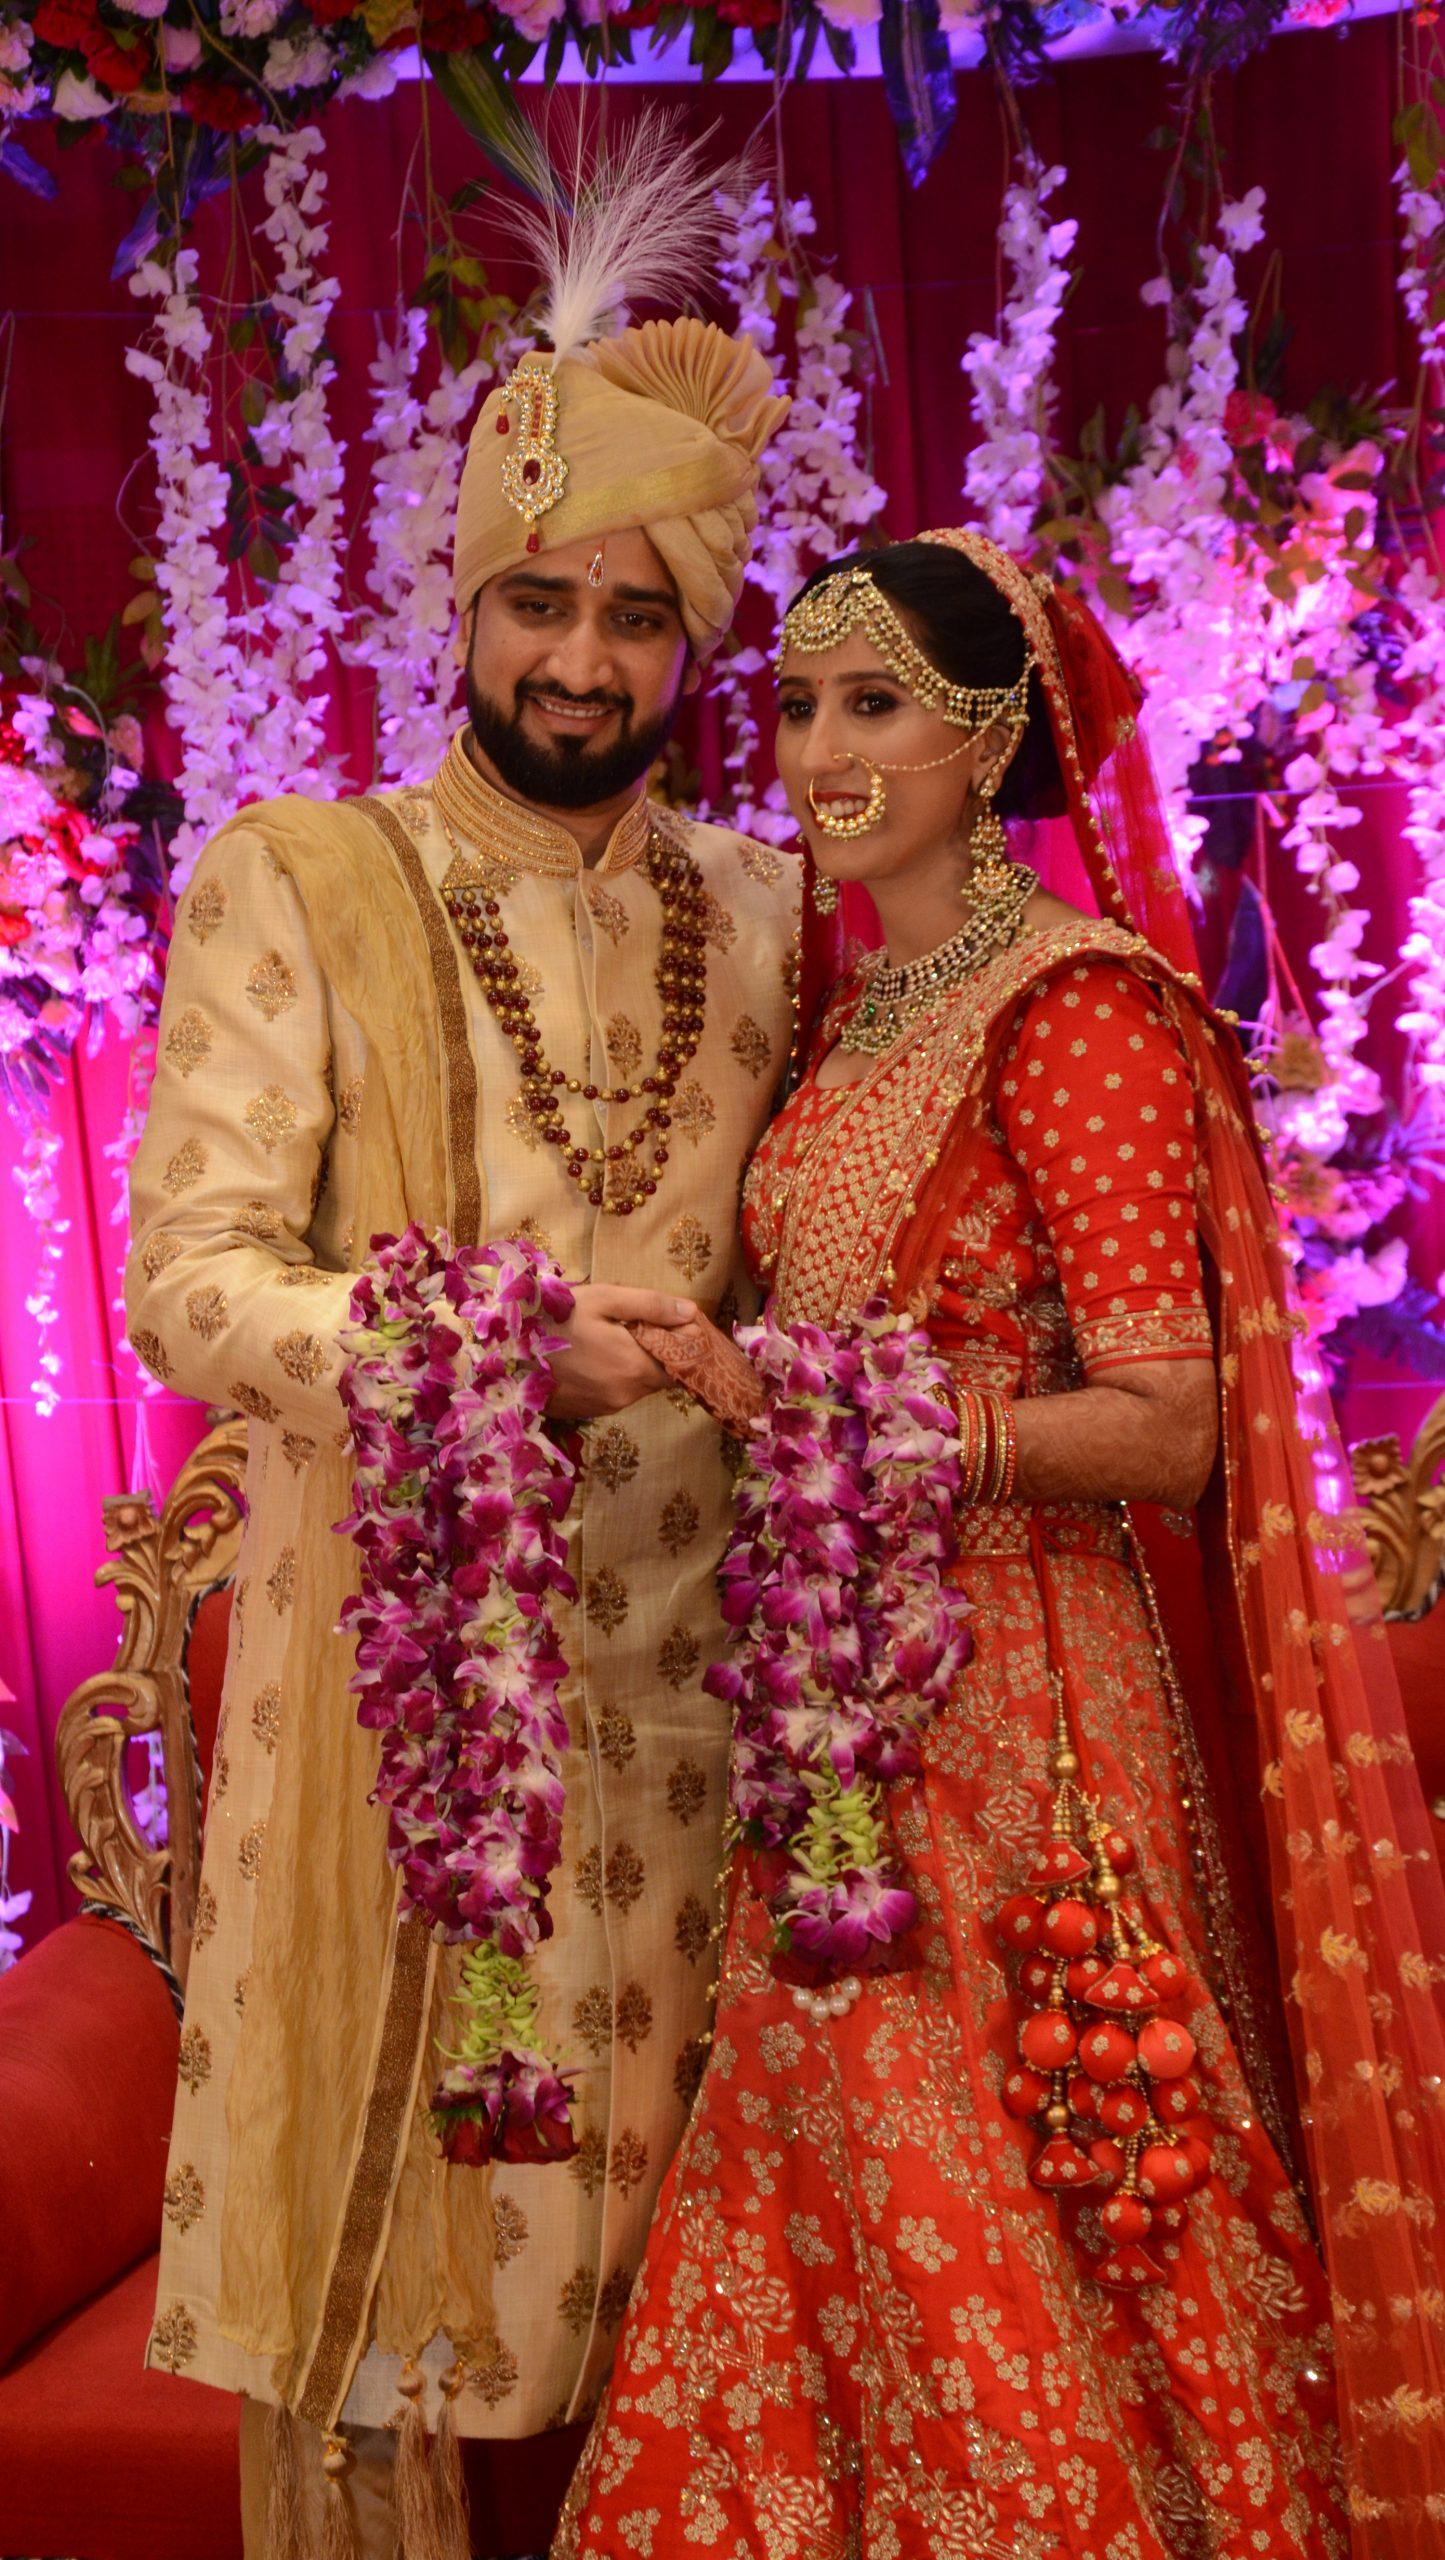 Couple posing on wedding